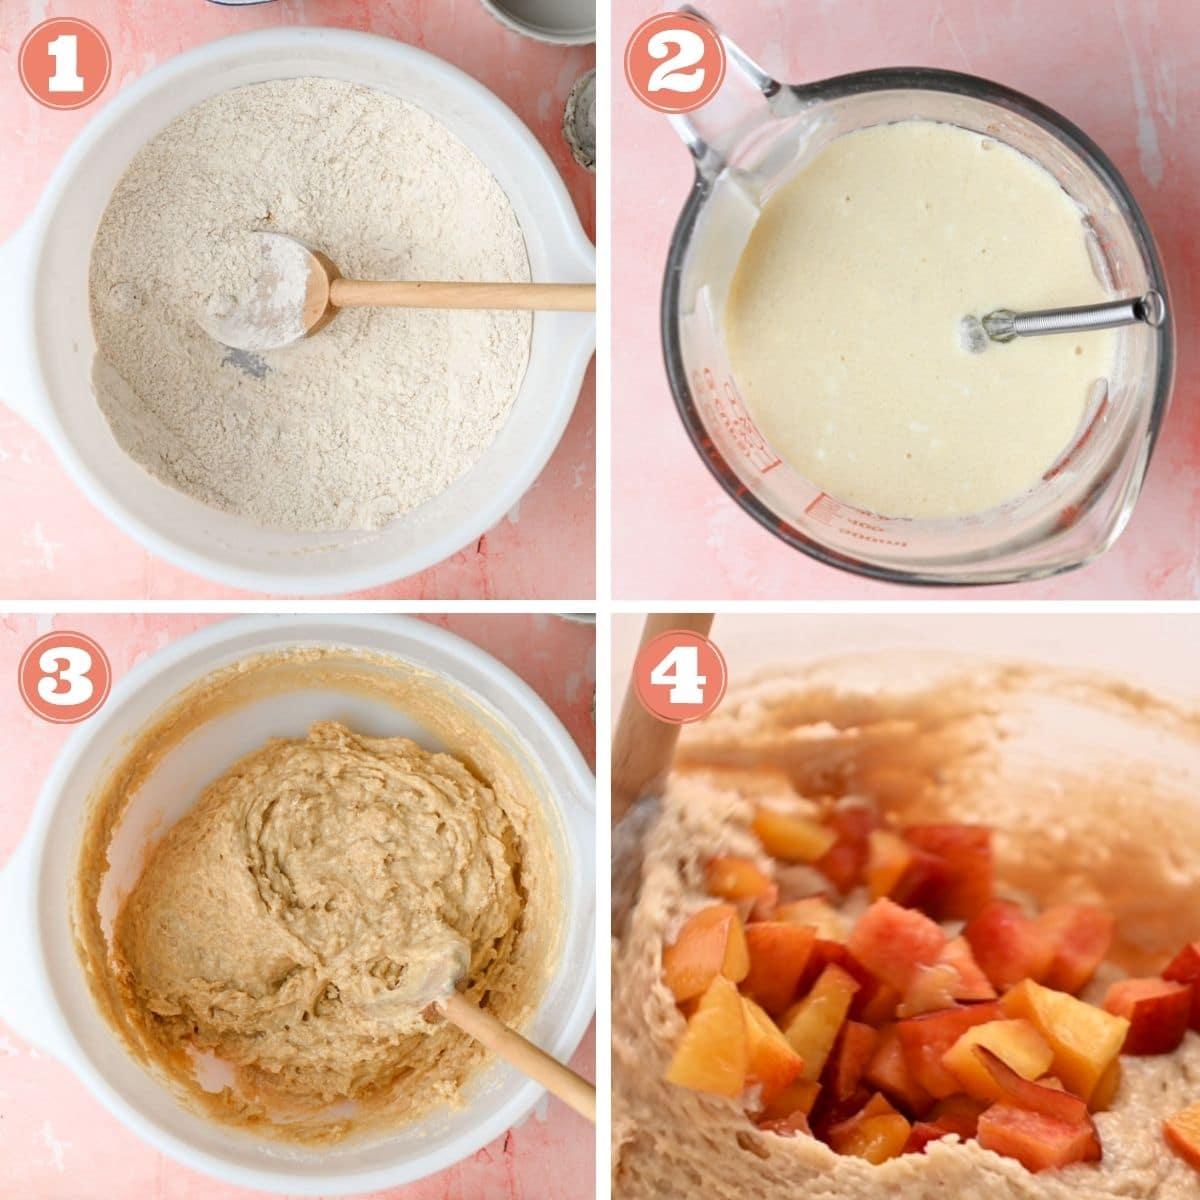 Steps 1 through 4 to make peach muffins